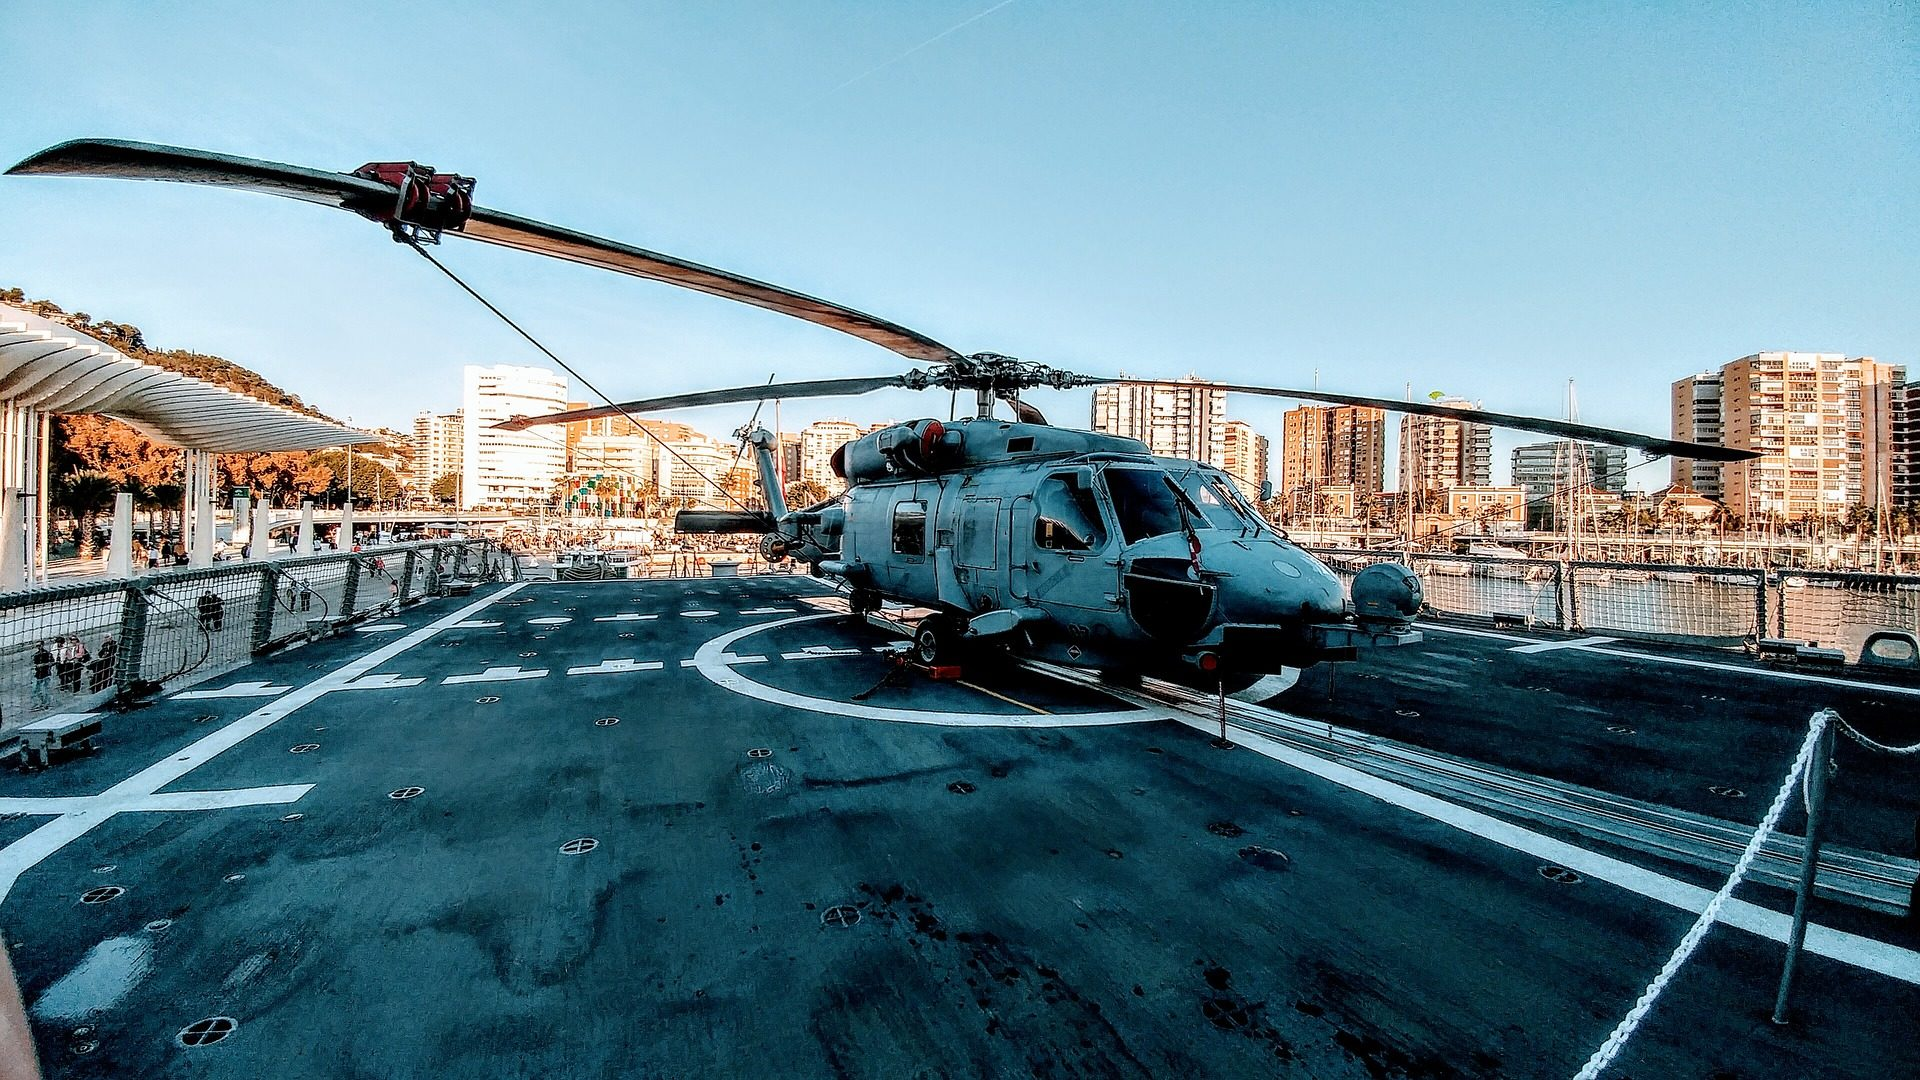 ヘリコプター, 軍事, sh 60b, シーホーク, トラック, フライト - HD の壁紙 - 教授-falken.com